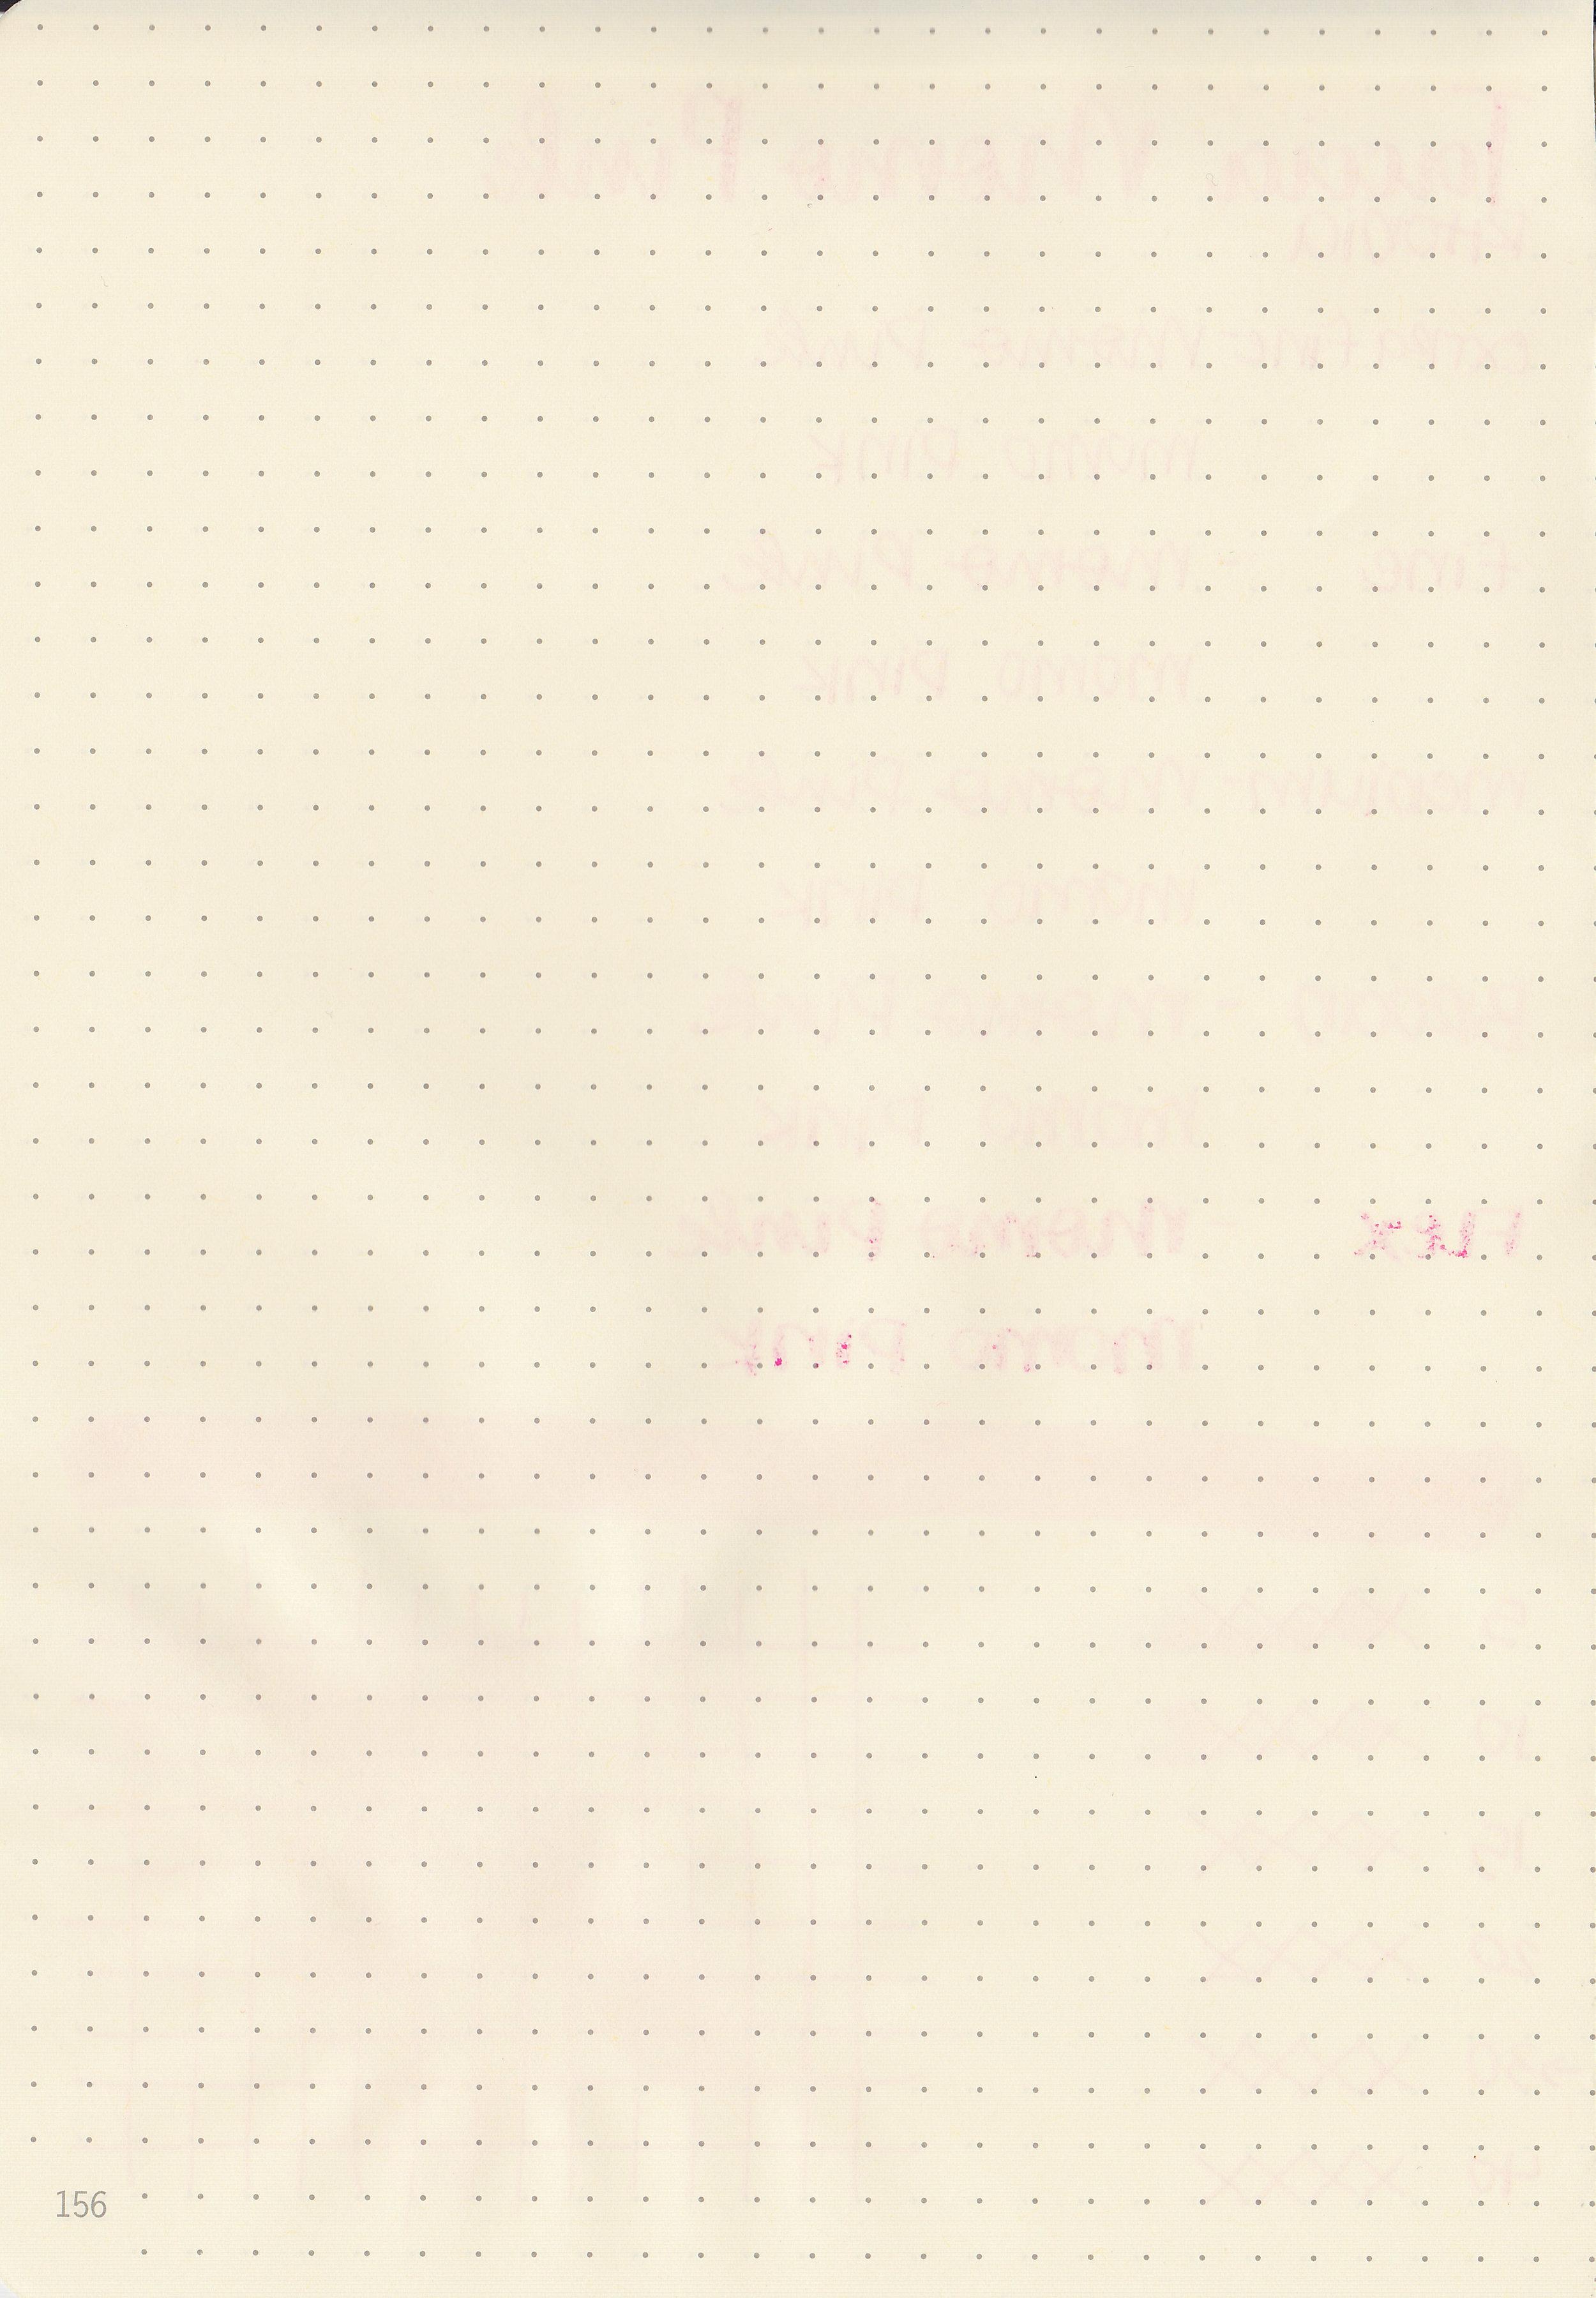 tac-momo-pink-4.jpg